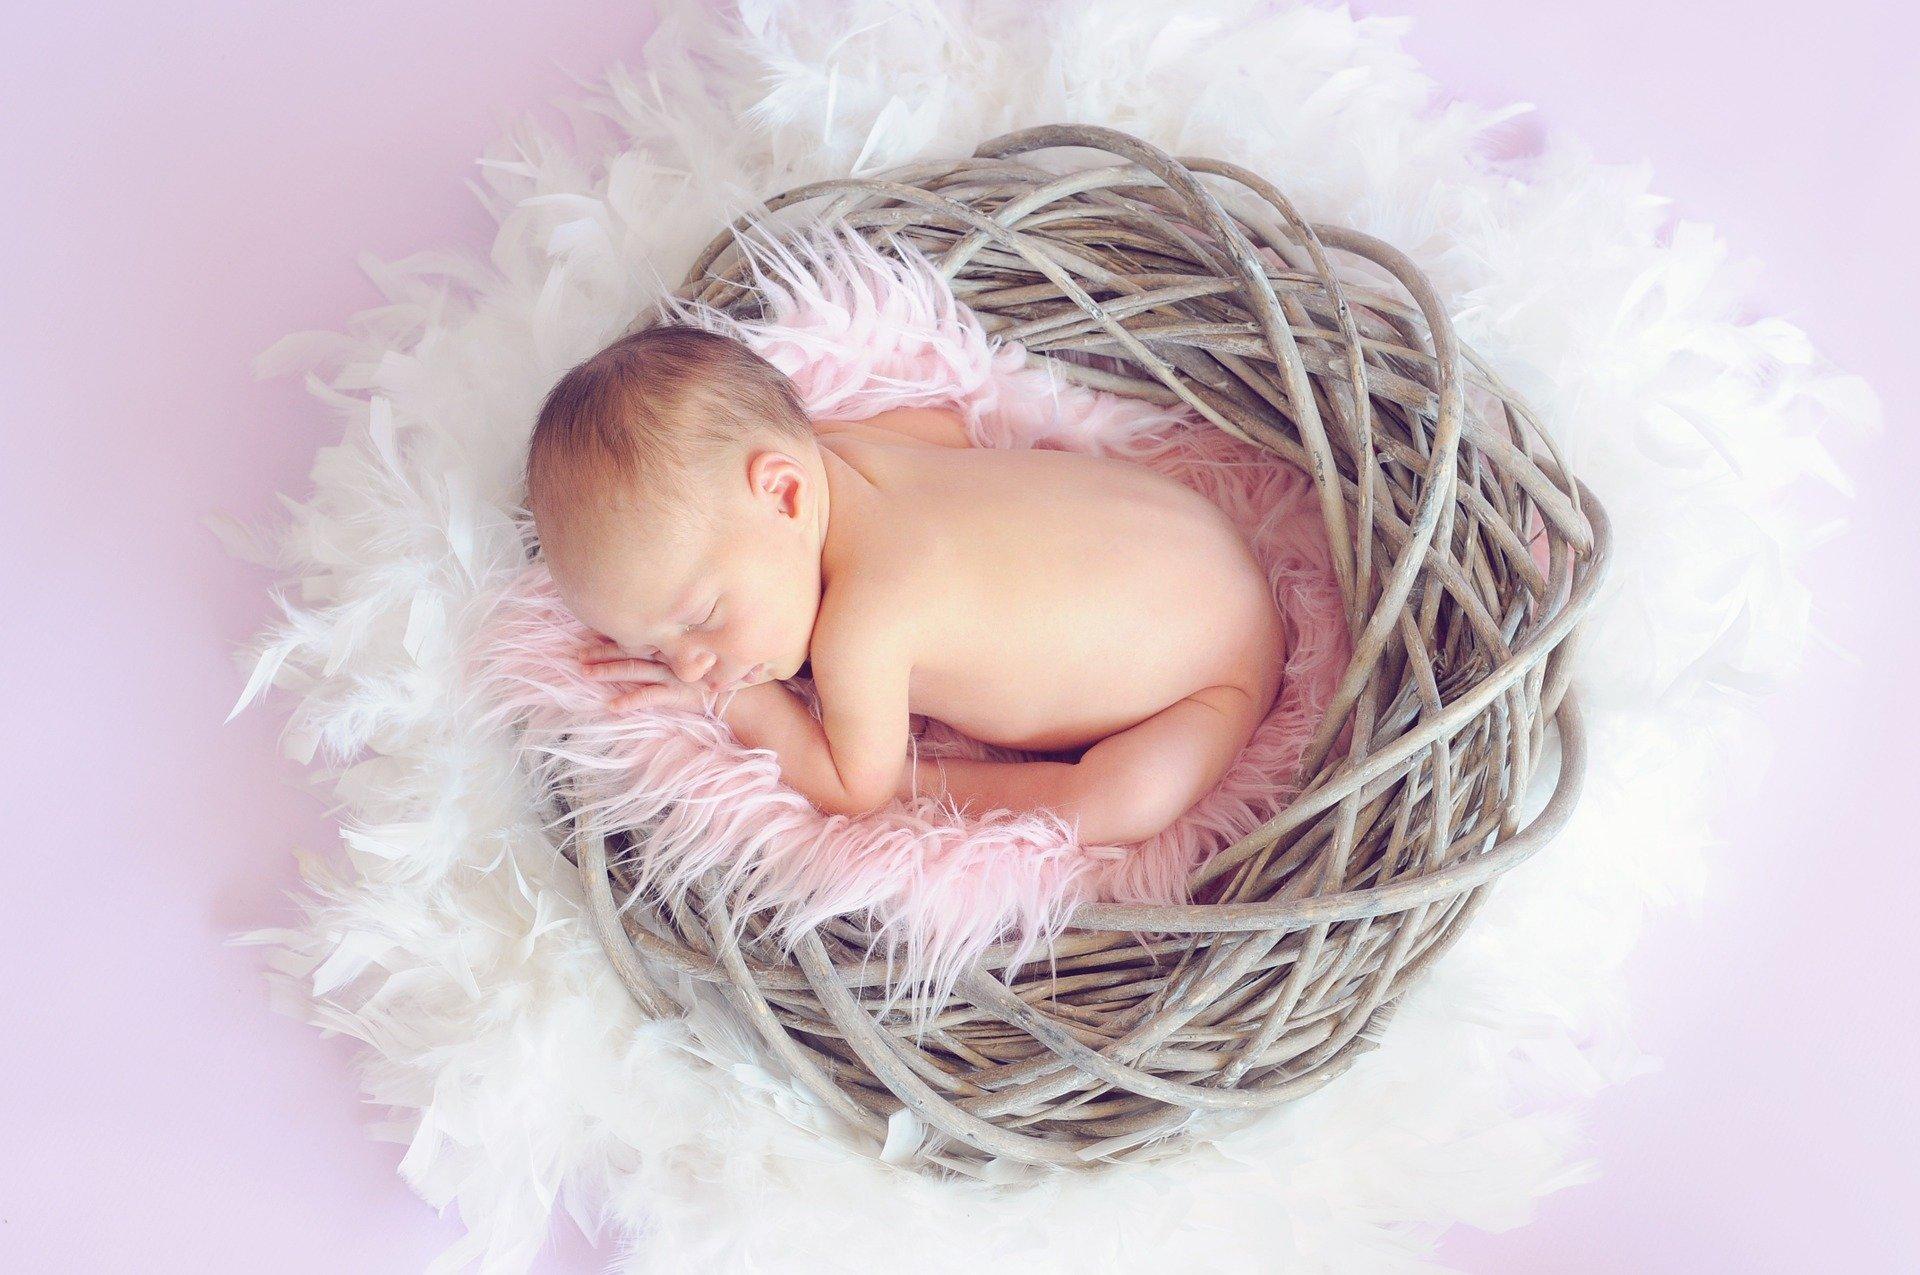 Comment trouver un bon photographe pour une séance photo bébé ? 12